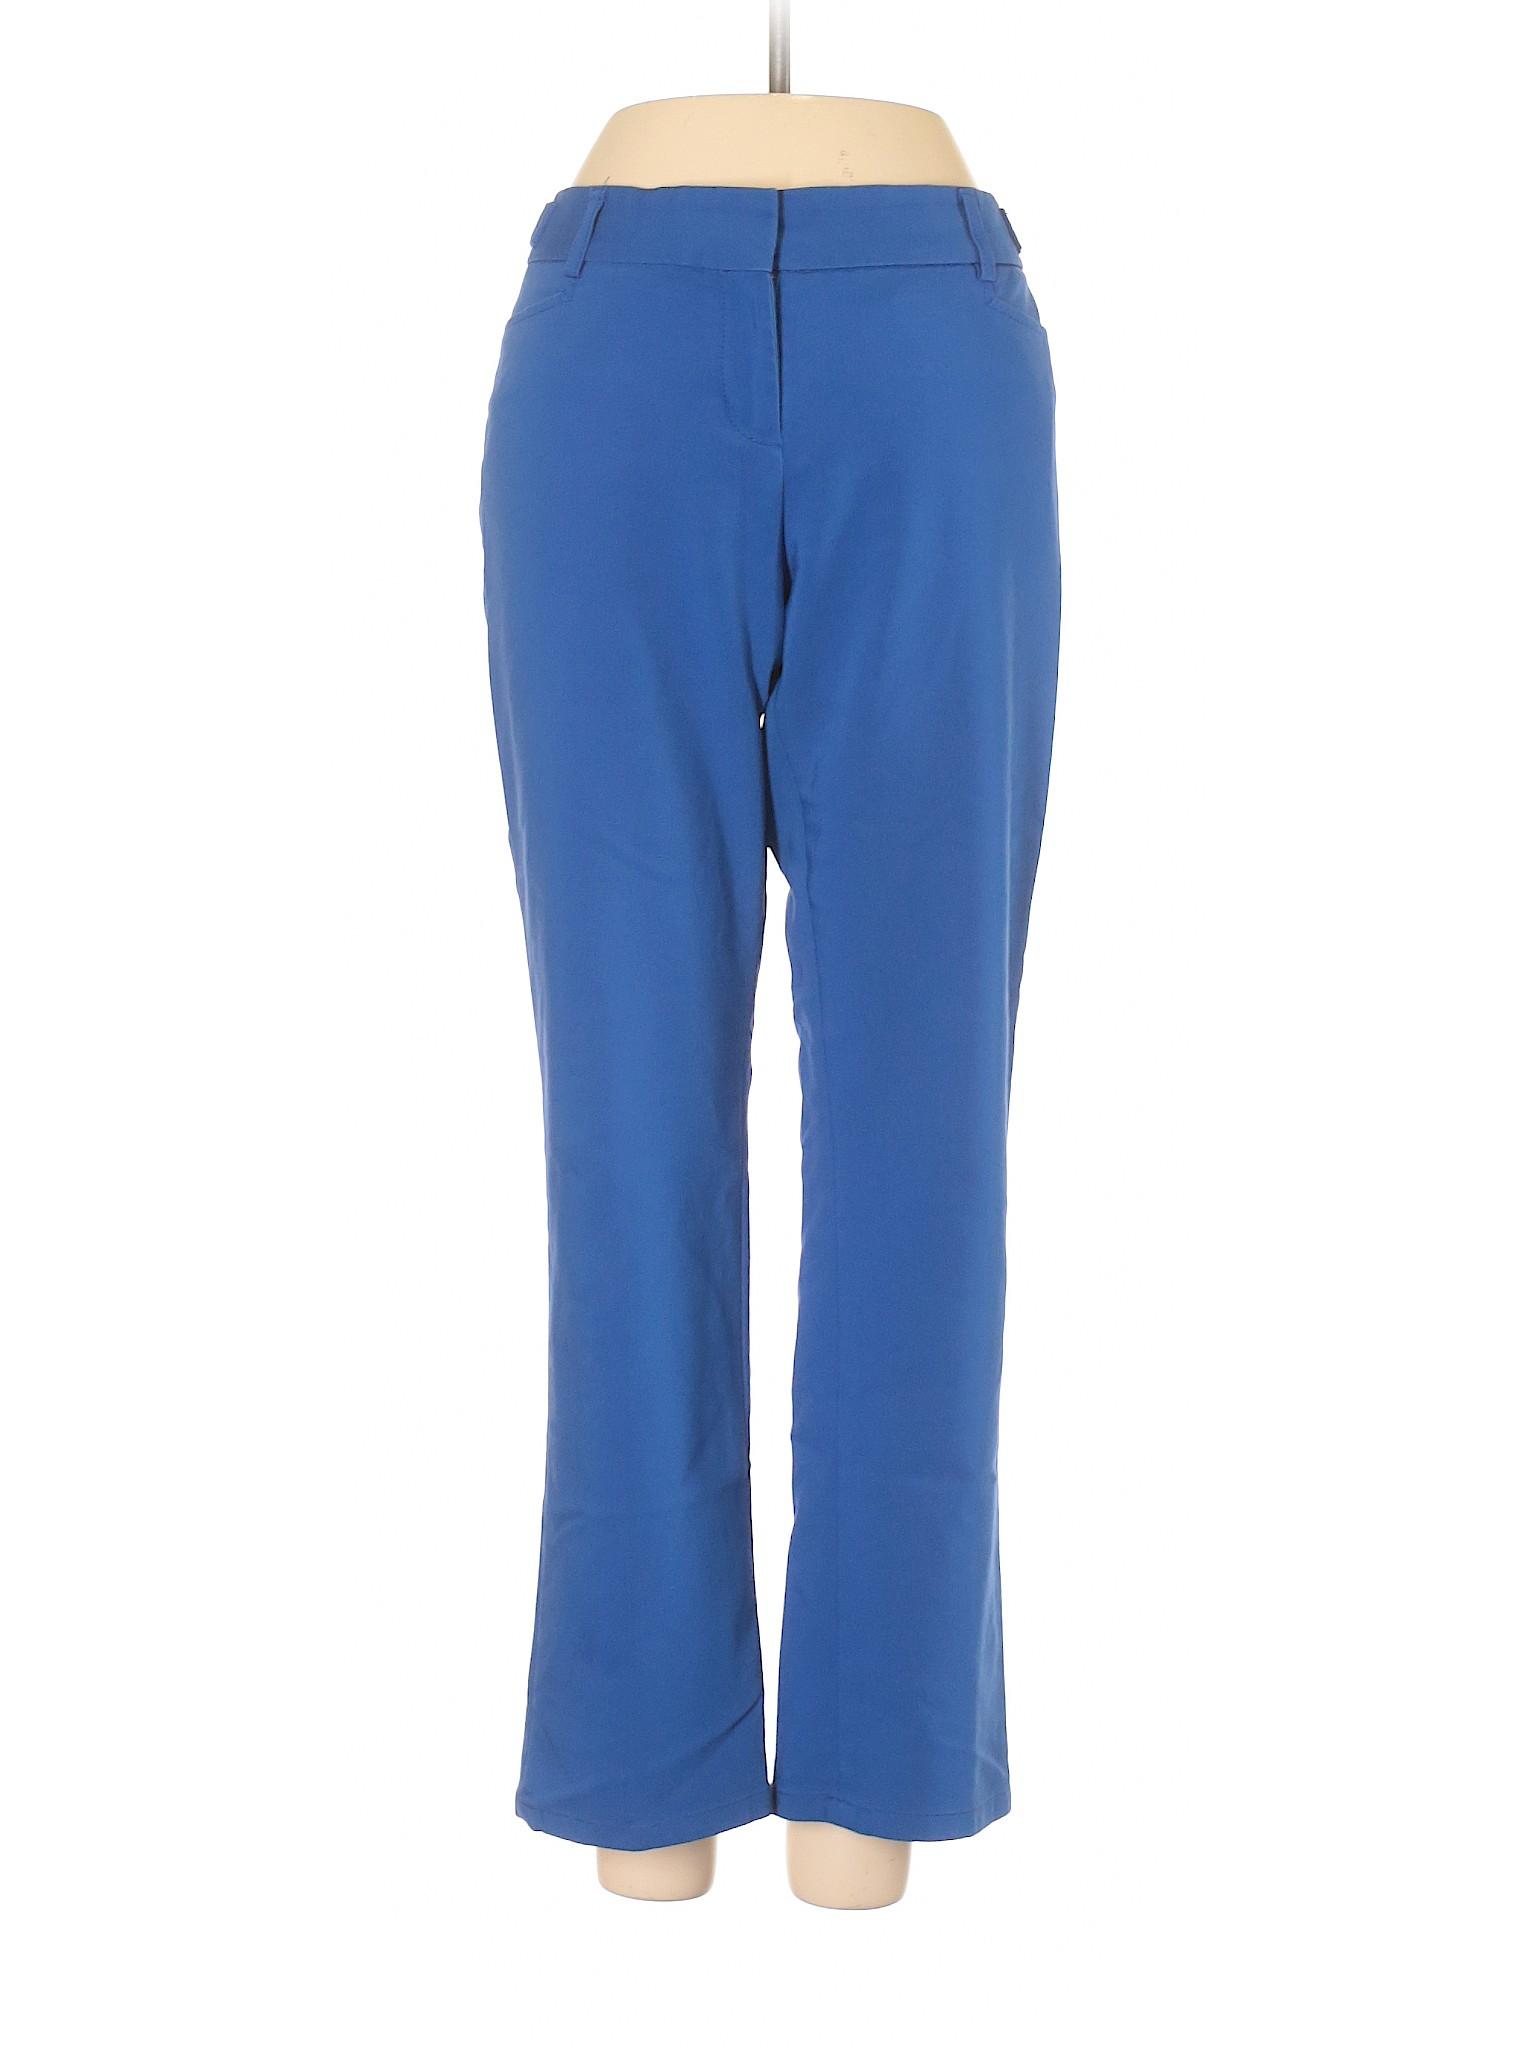 Boutique Boutique Dress leisure Pants Boutique Boutique leisure Express leisure Dress Express Pants Express Dress Pants leisure RHRAgrwx